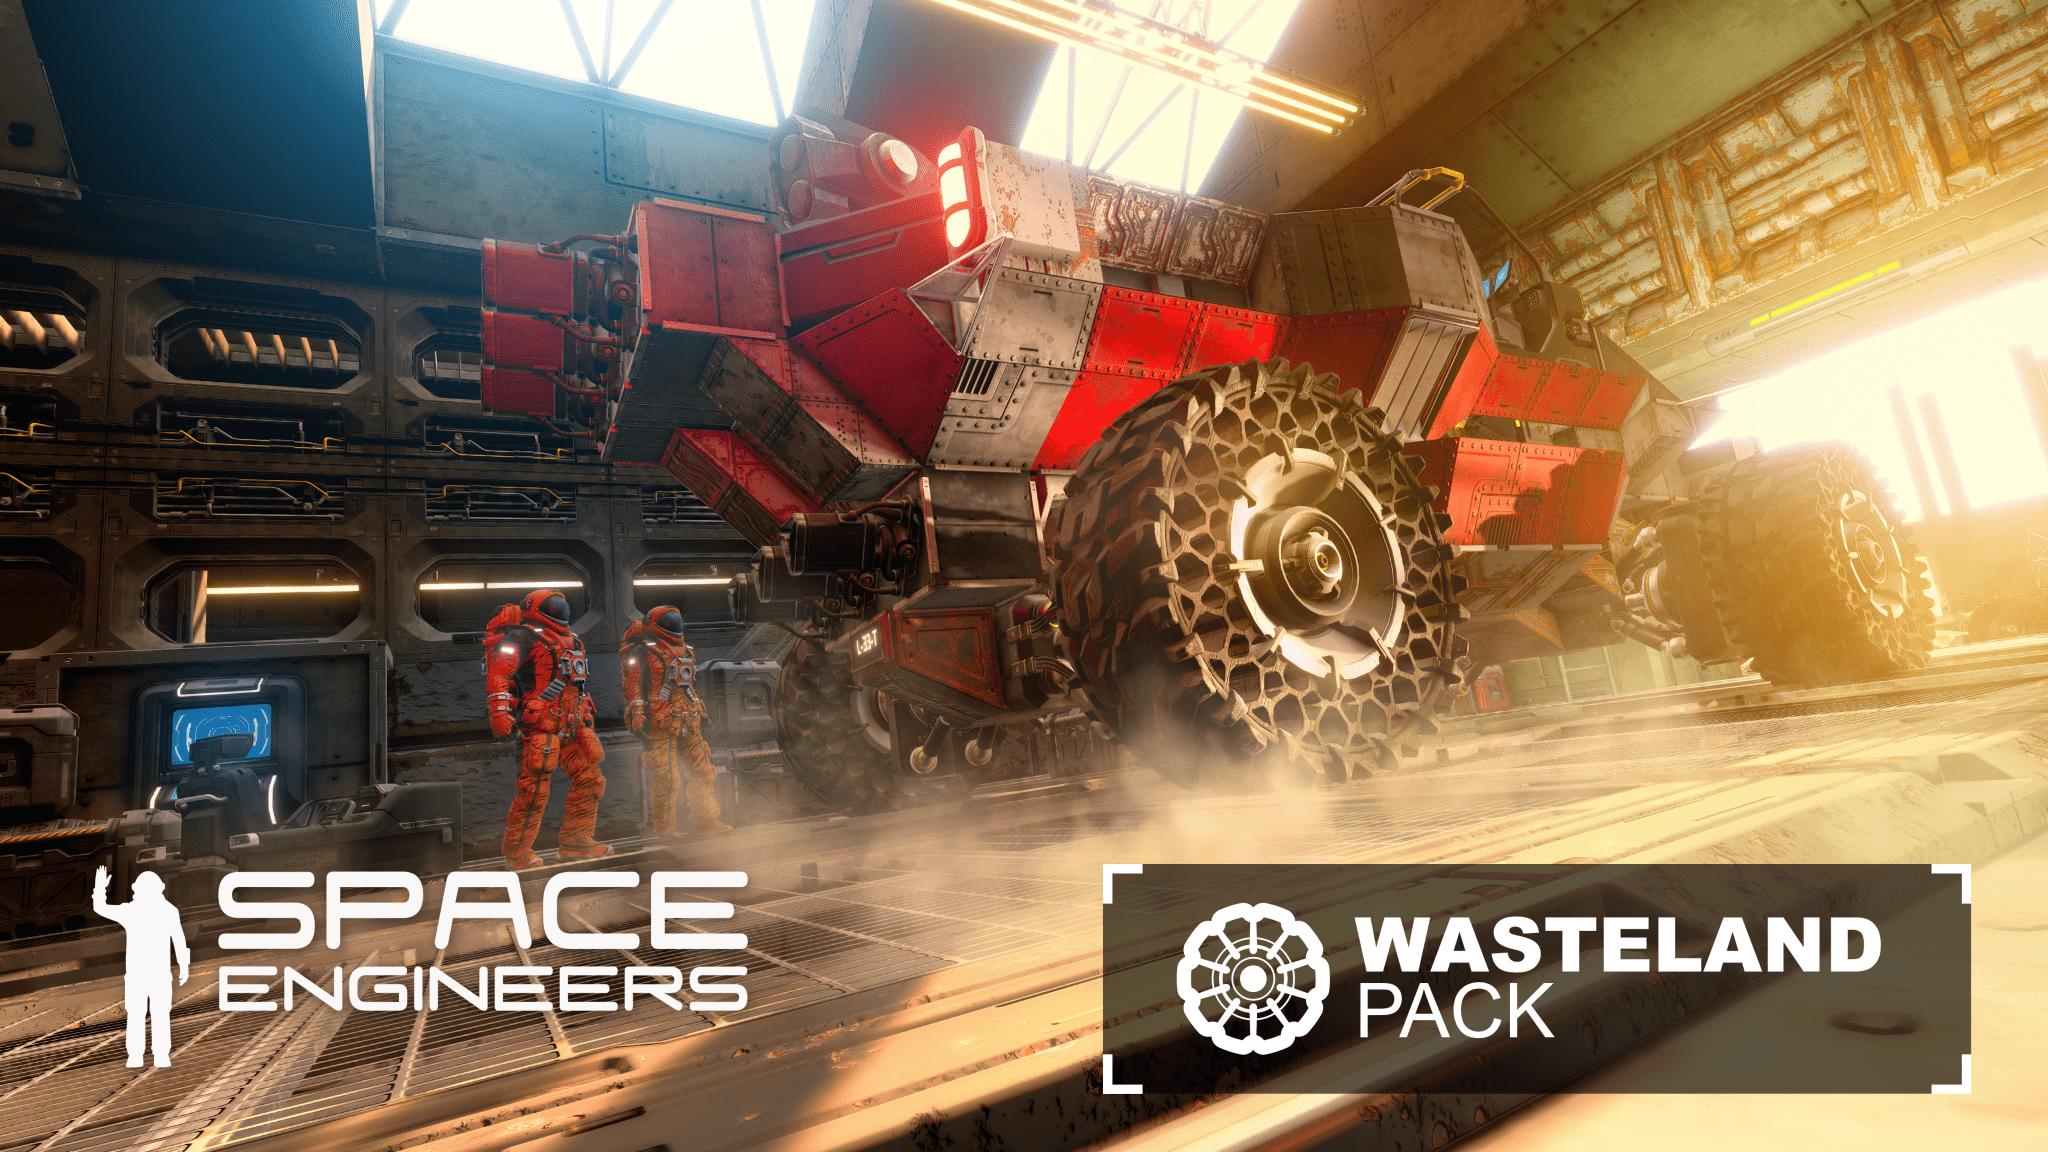 Space Engineers - Wasteland